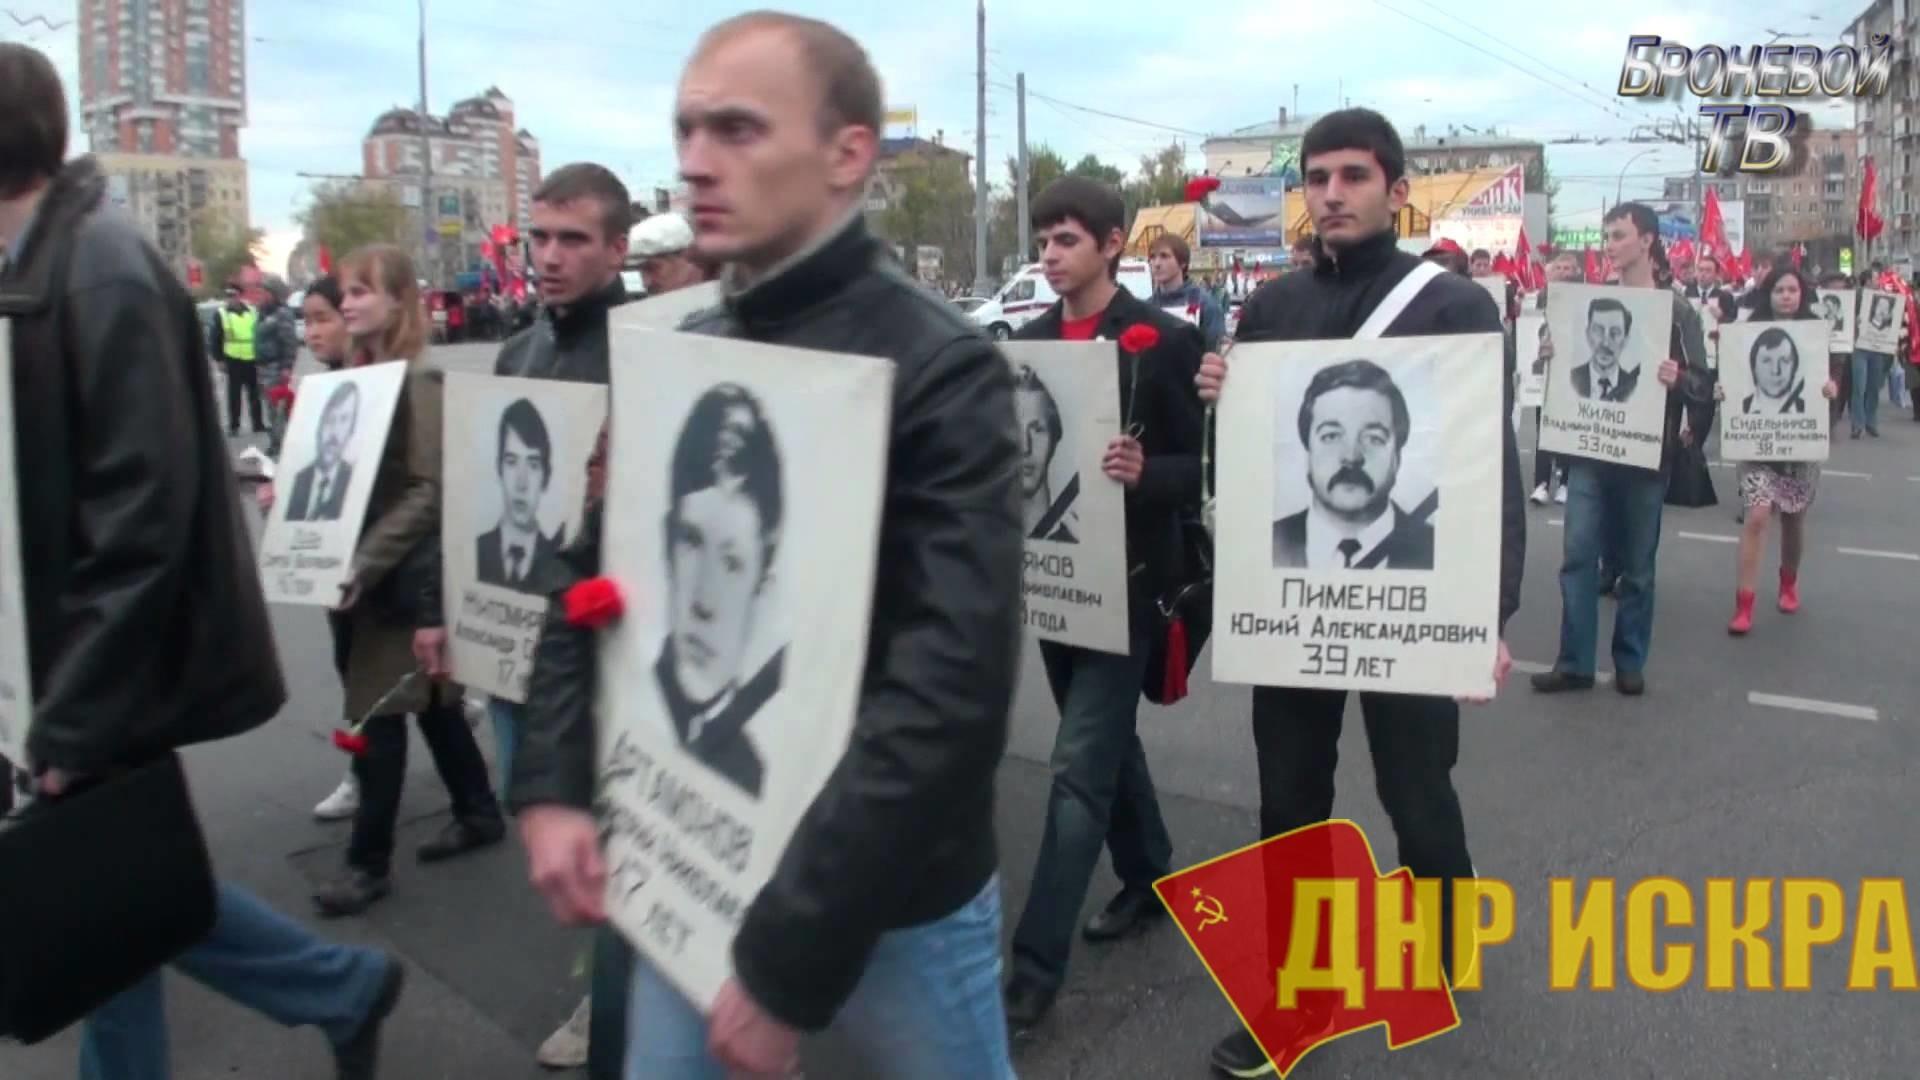 АНОНС! 4 октября. Москва. Акция памяти защитников Верховного Совета в 1993 году